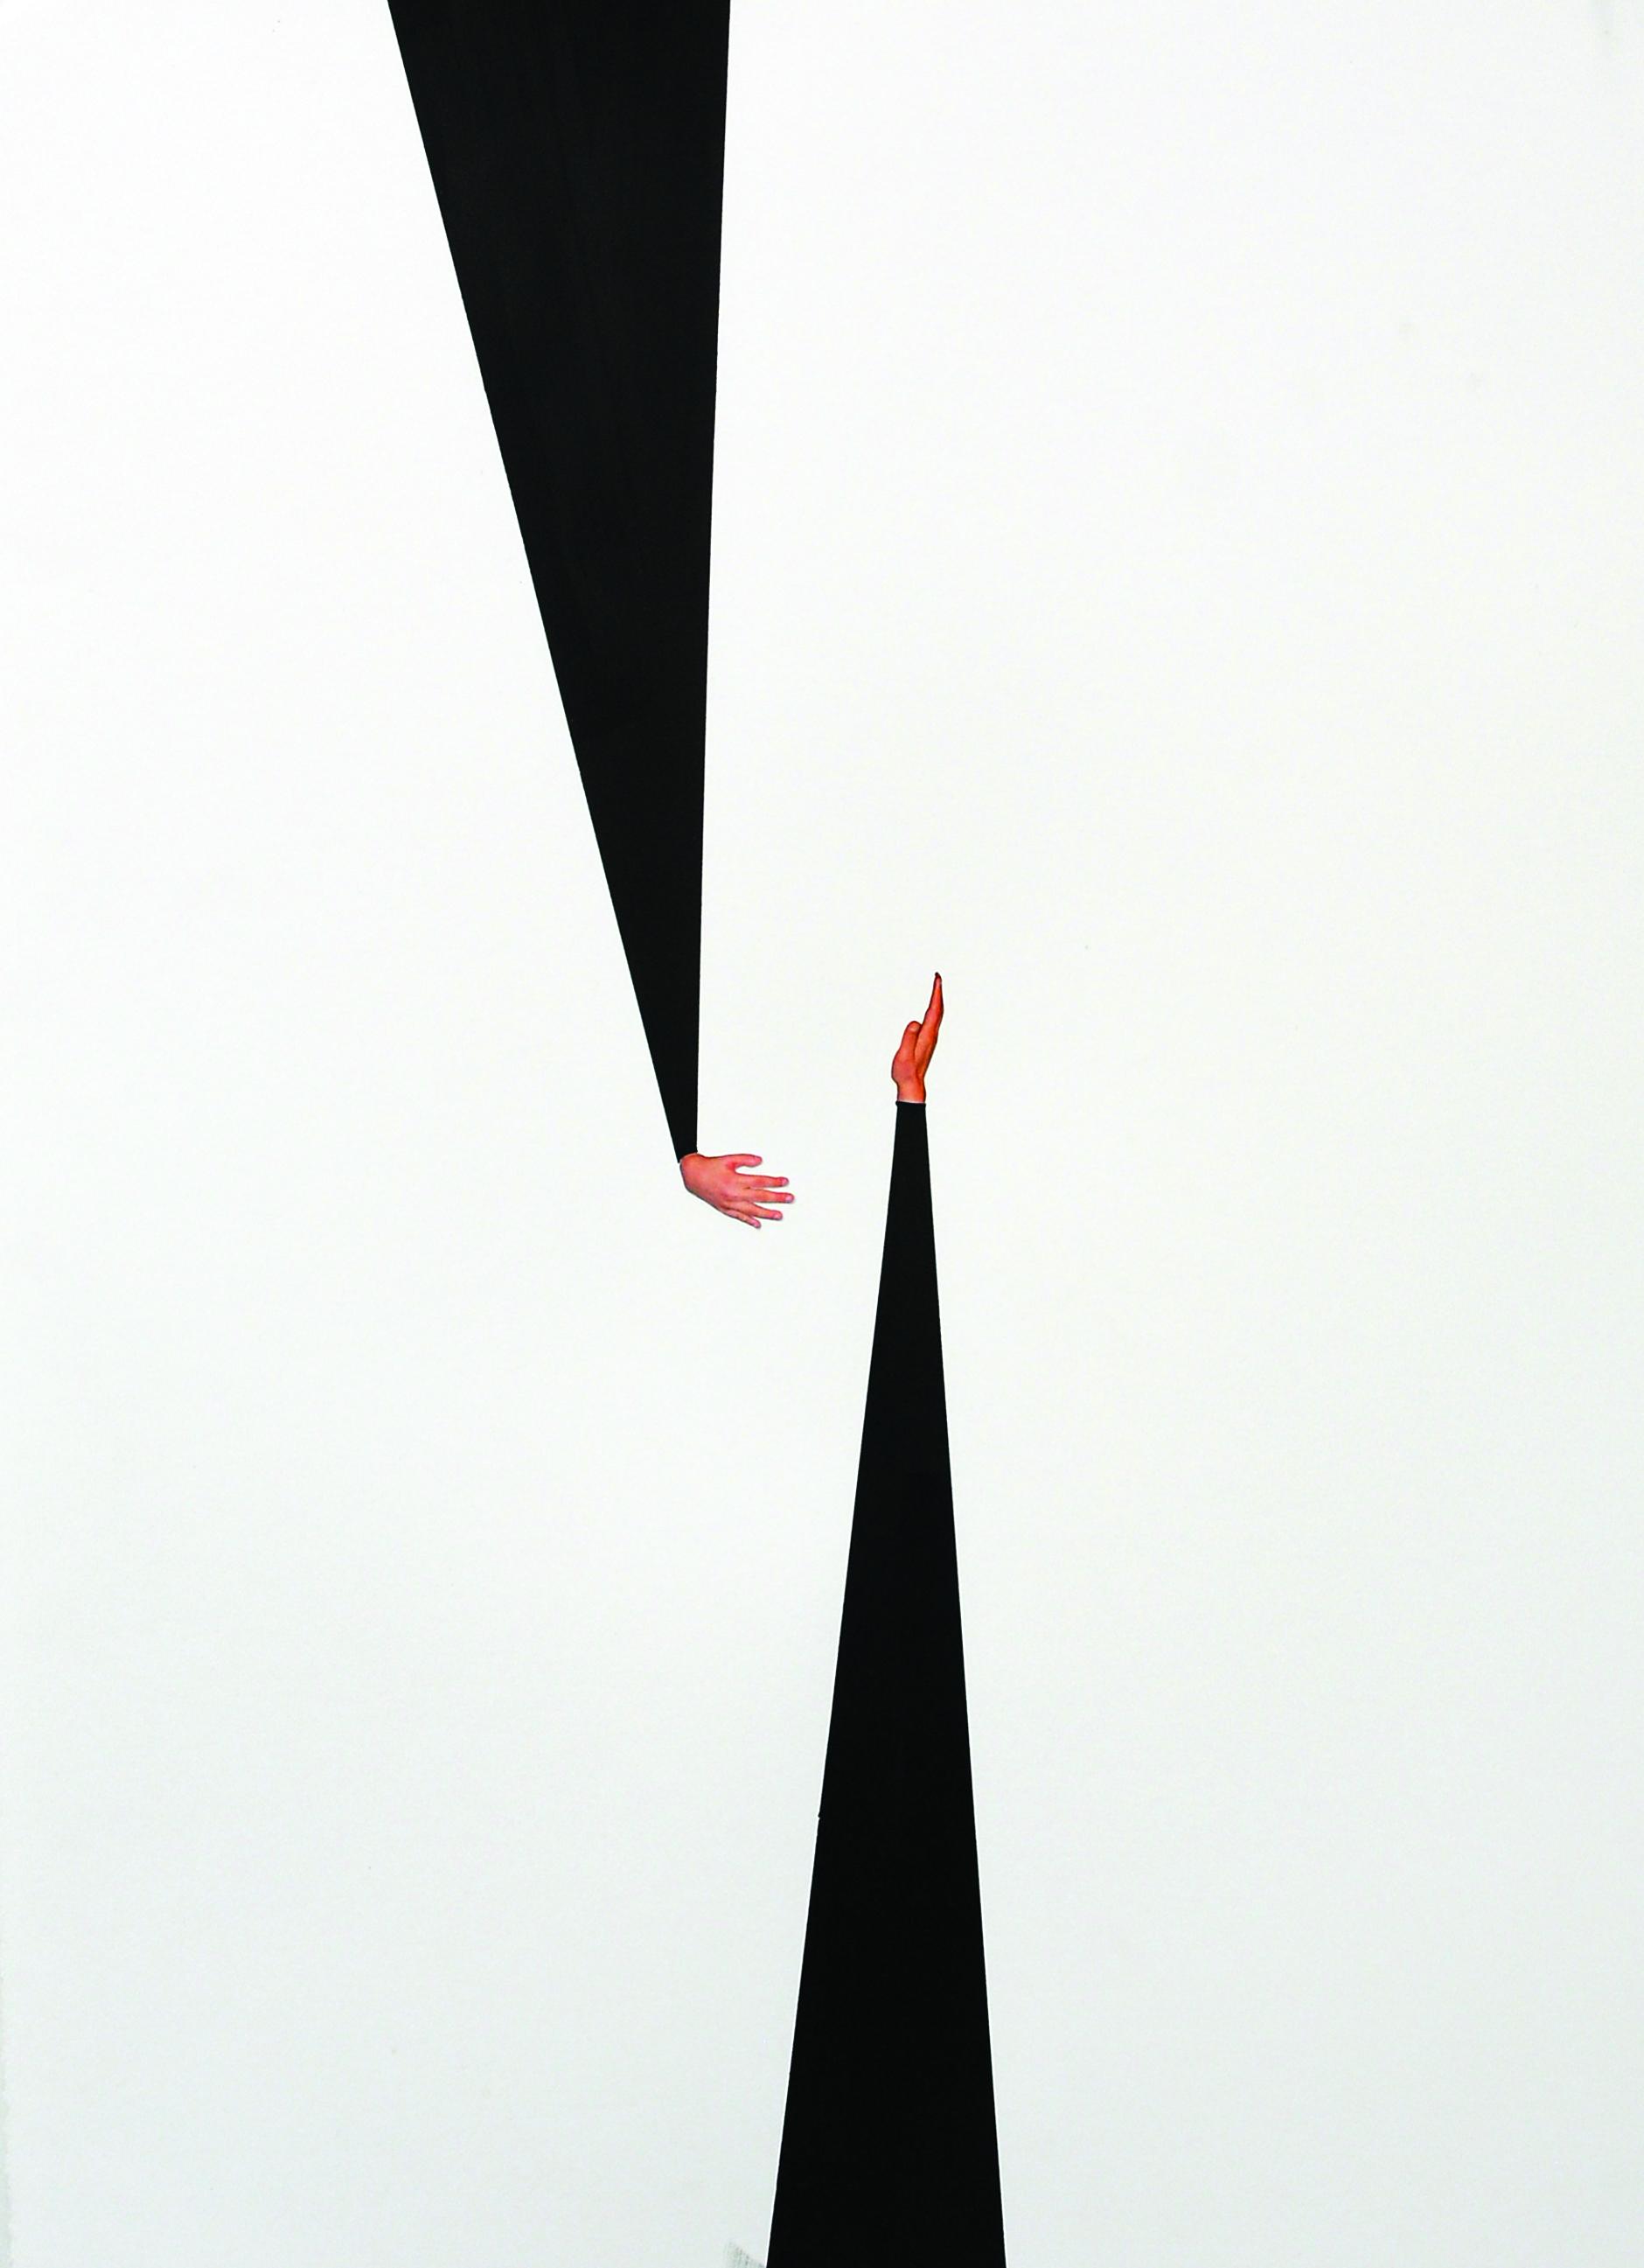 JUSTINE KHAMARA   Passages  2015 Acrylic paint, colour photograph 75 x 55 cm